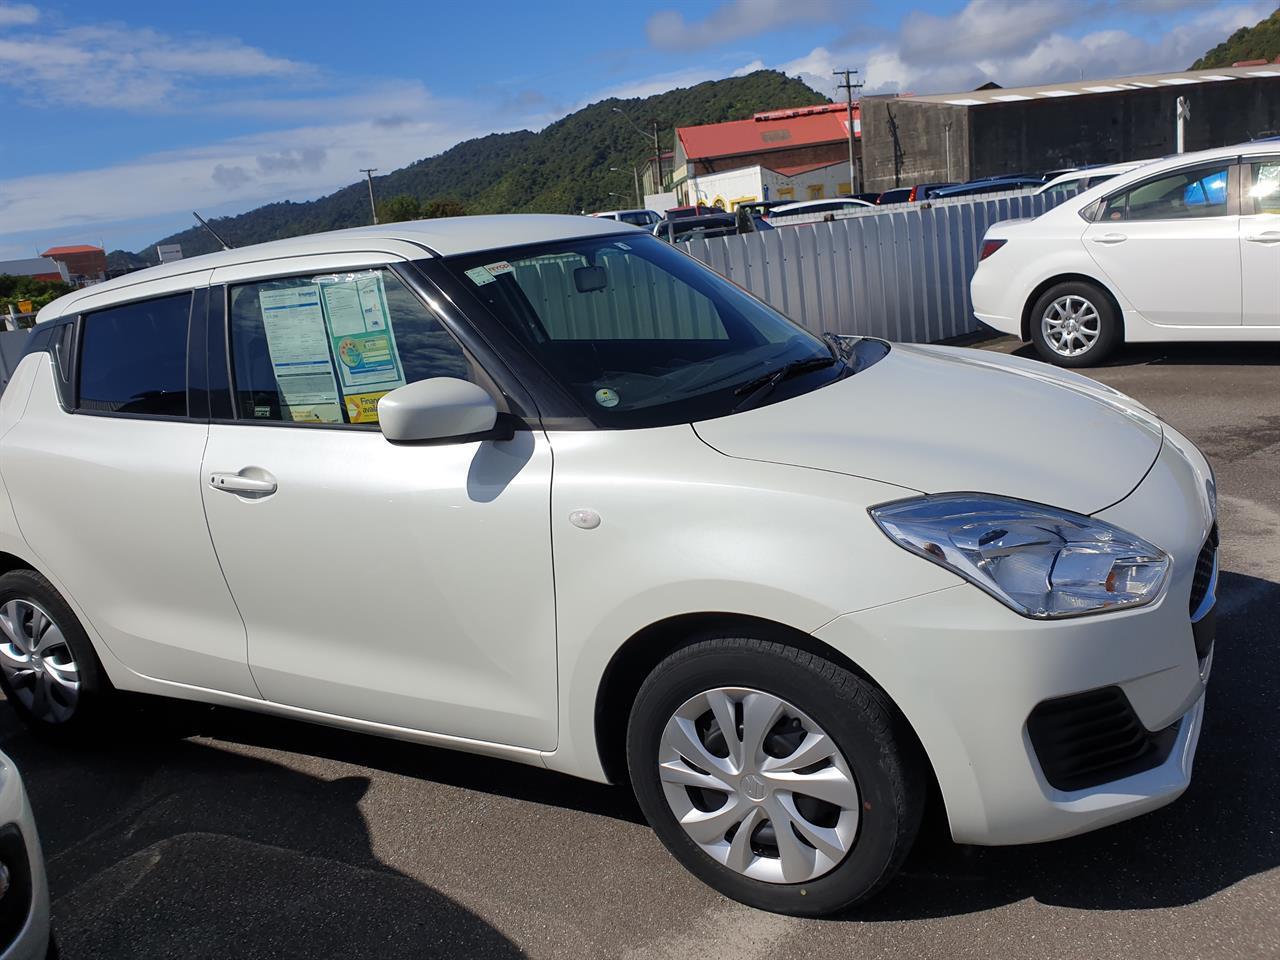 image-5, 2018 Suzuki Swift at Greymouth